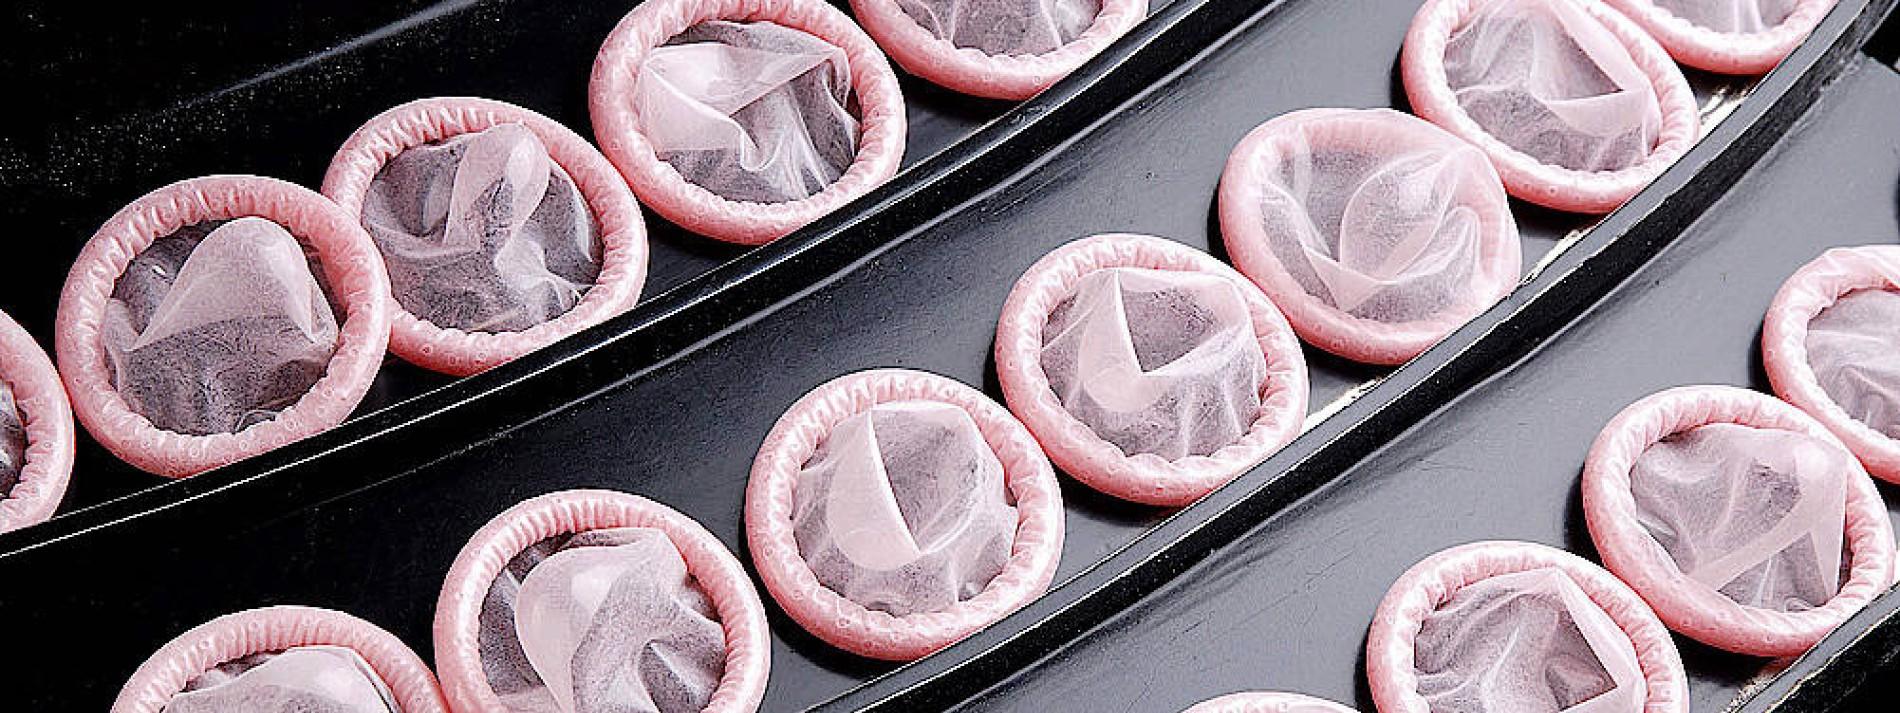 Kalifornien verbietet heimliches Abziehen von Kondom beim Sex